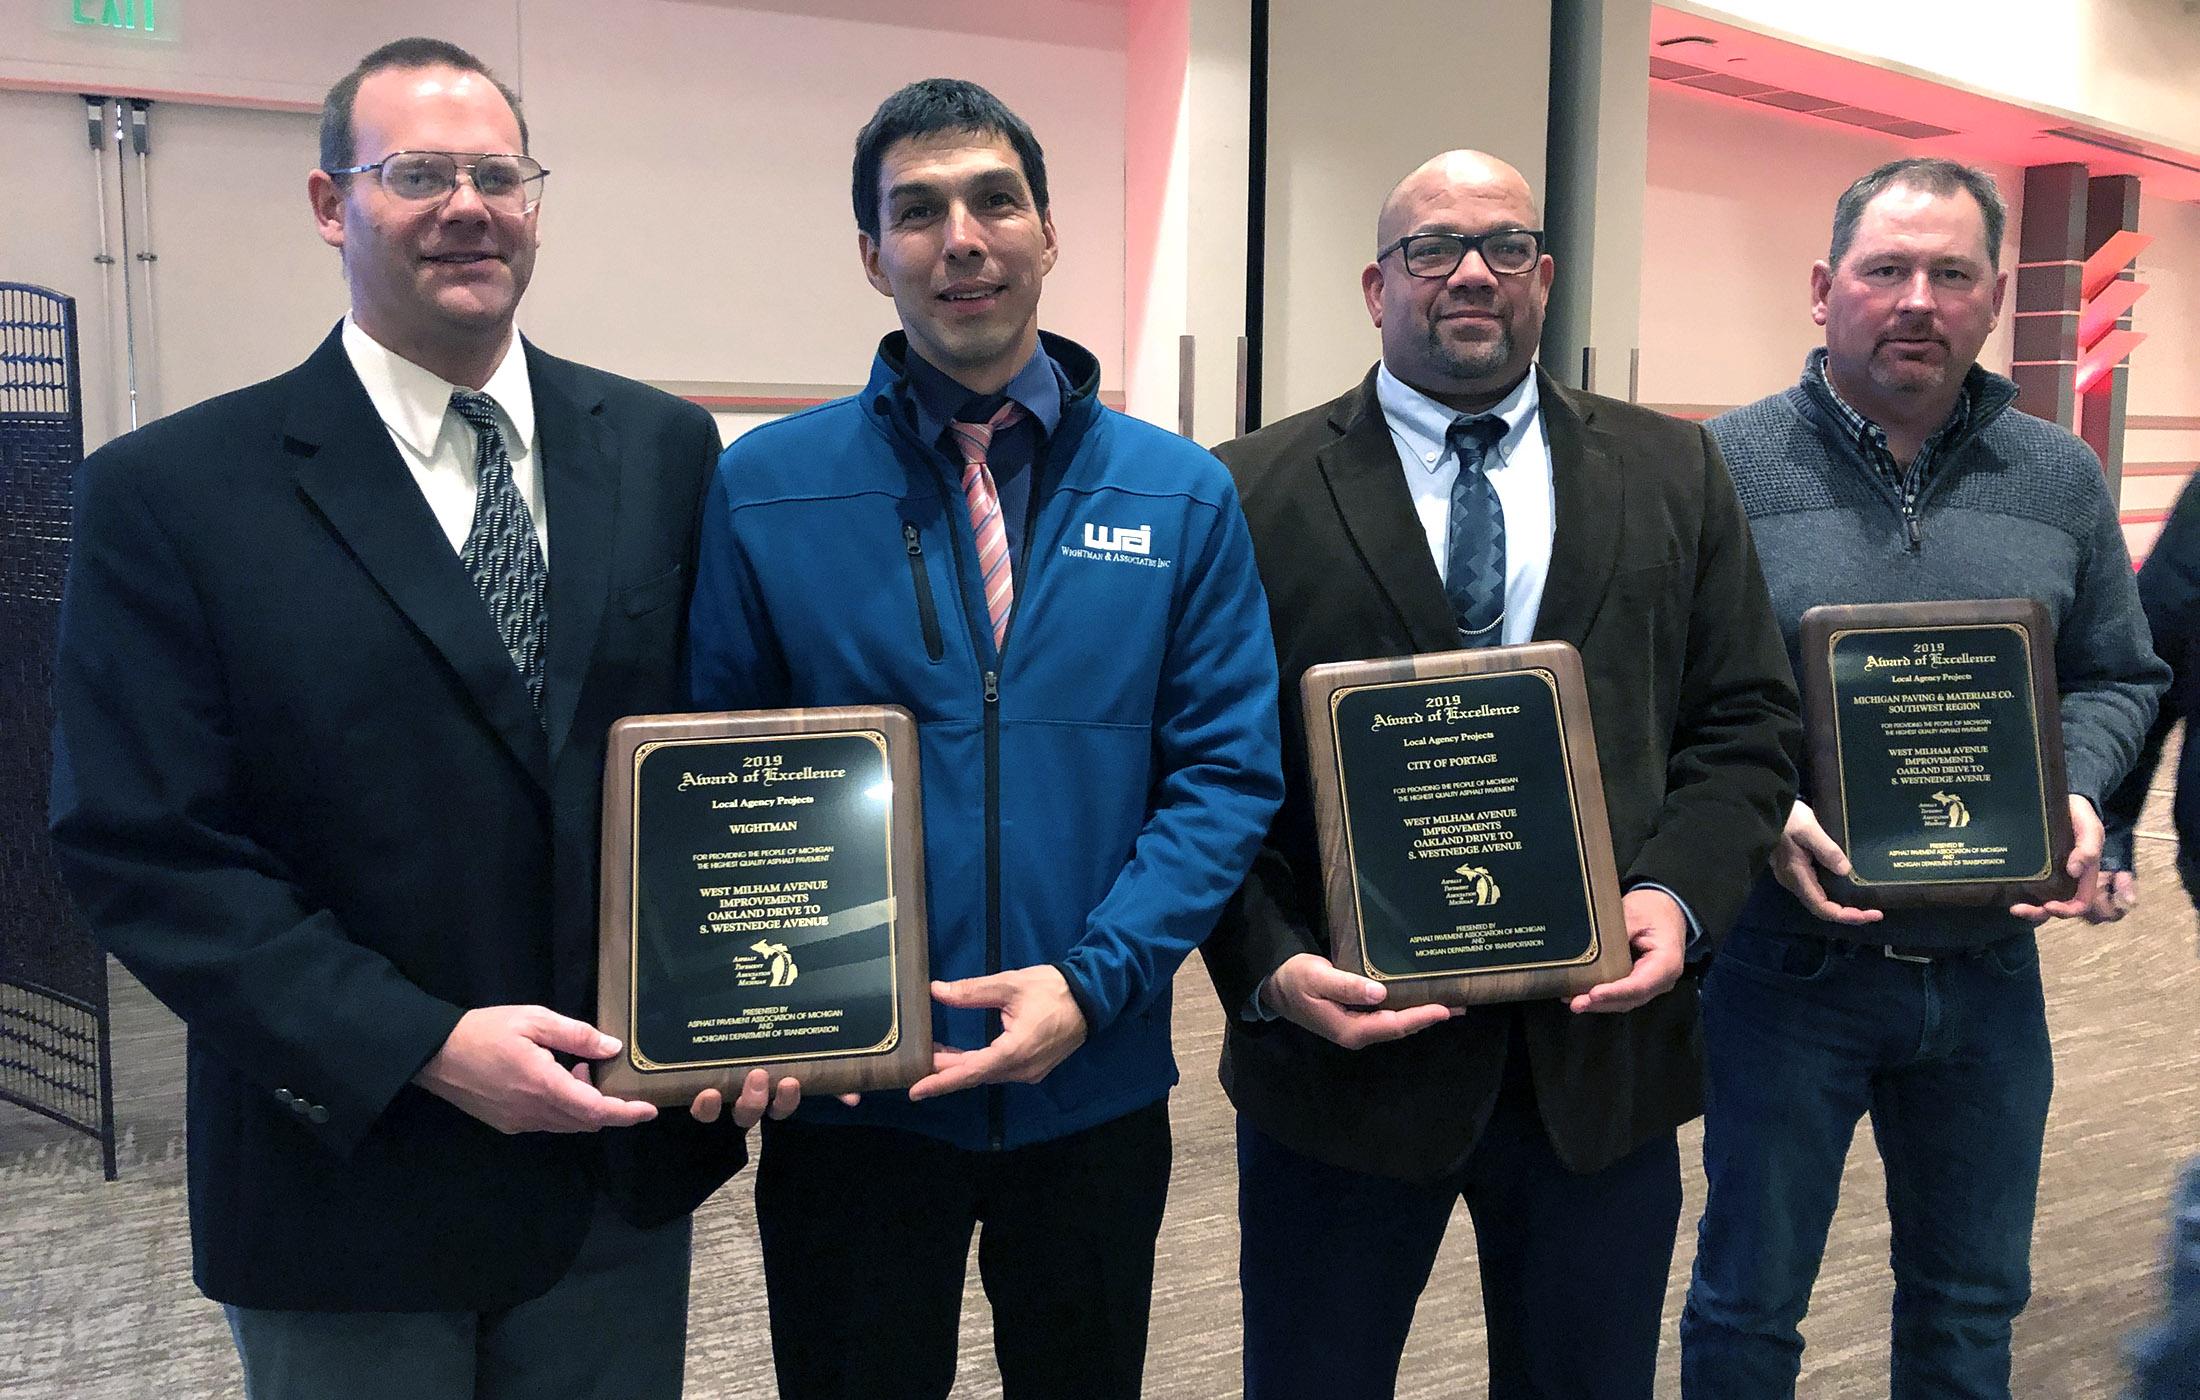 Milham Ave APAM Award Presentation